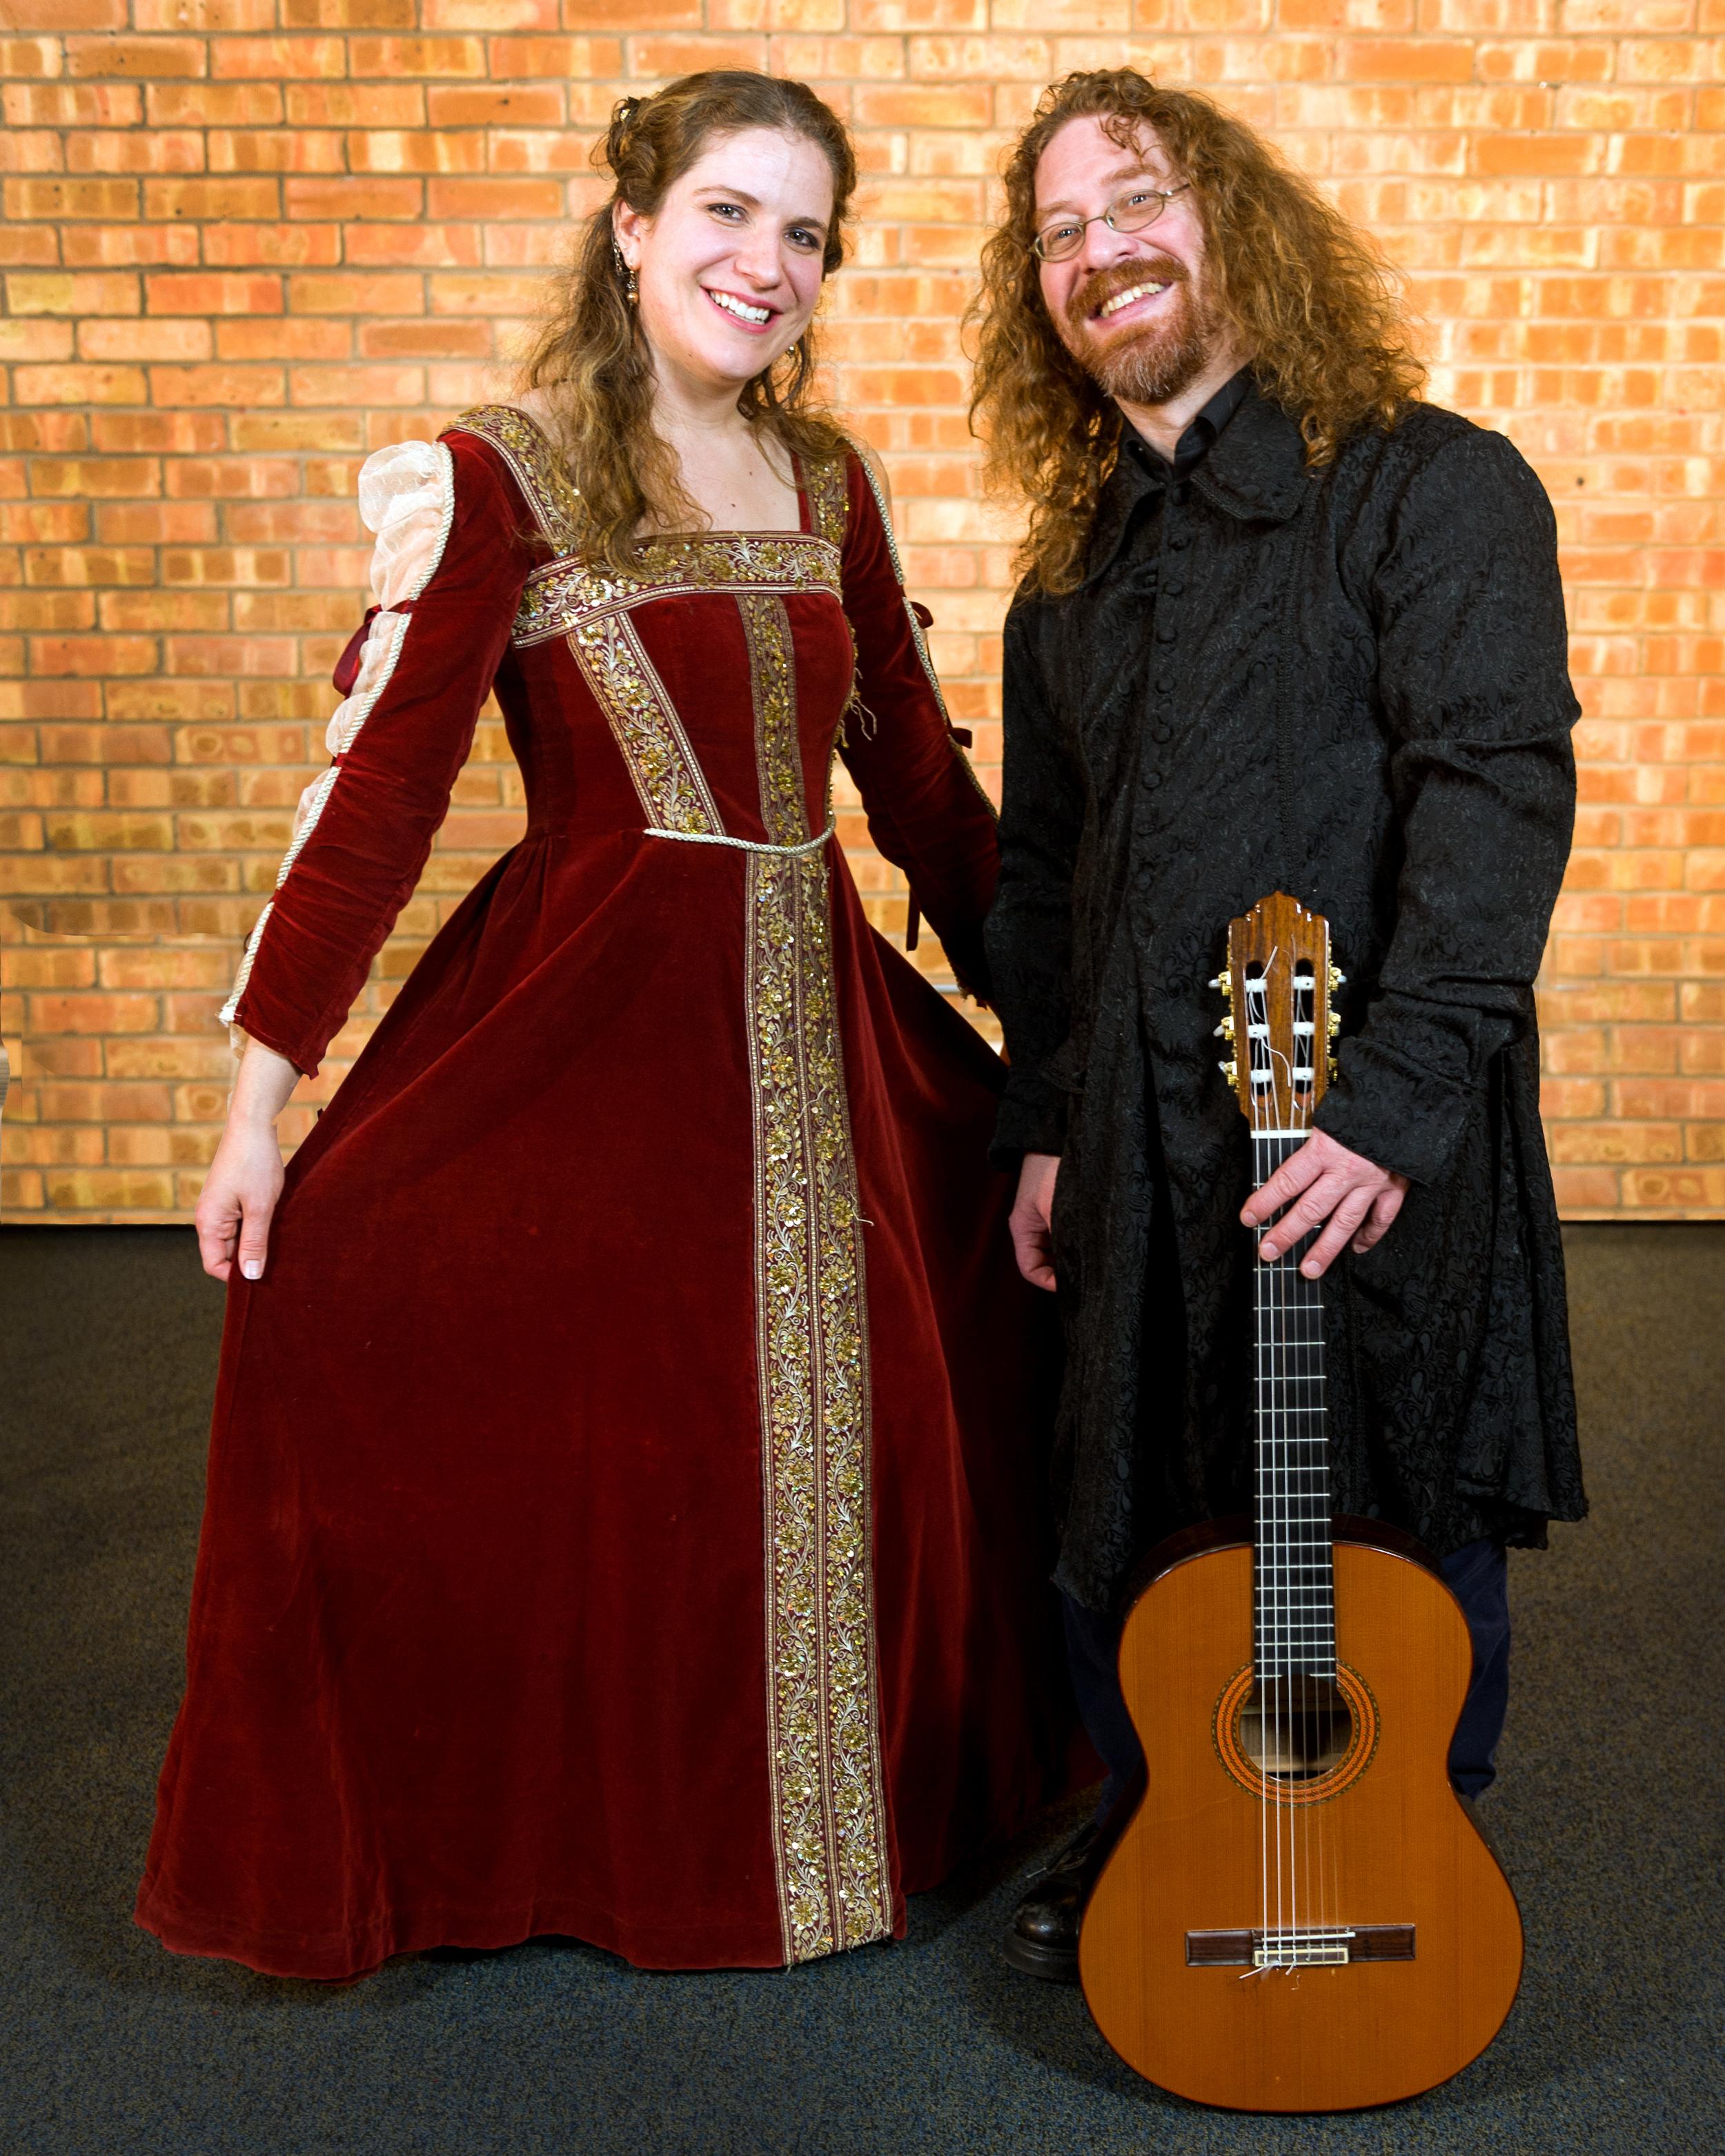 Joannah Lodico and Dan Belleville